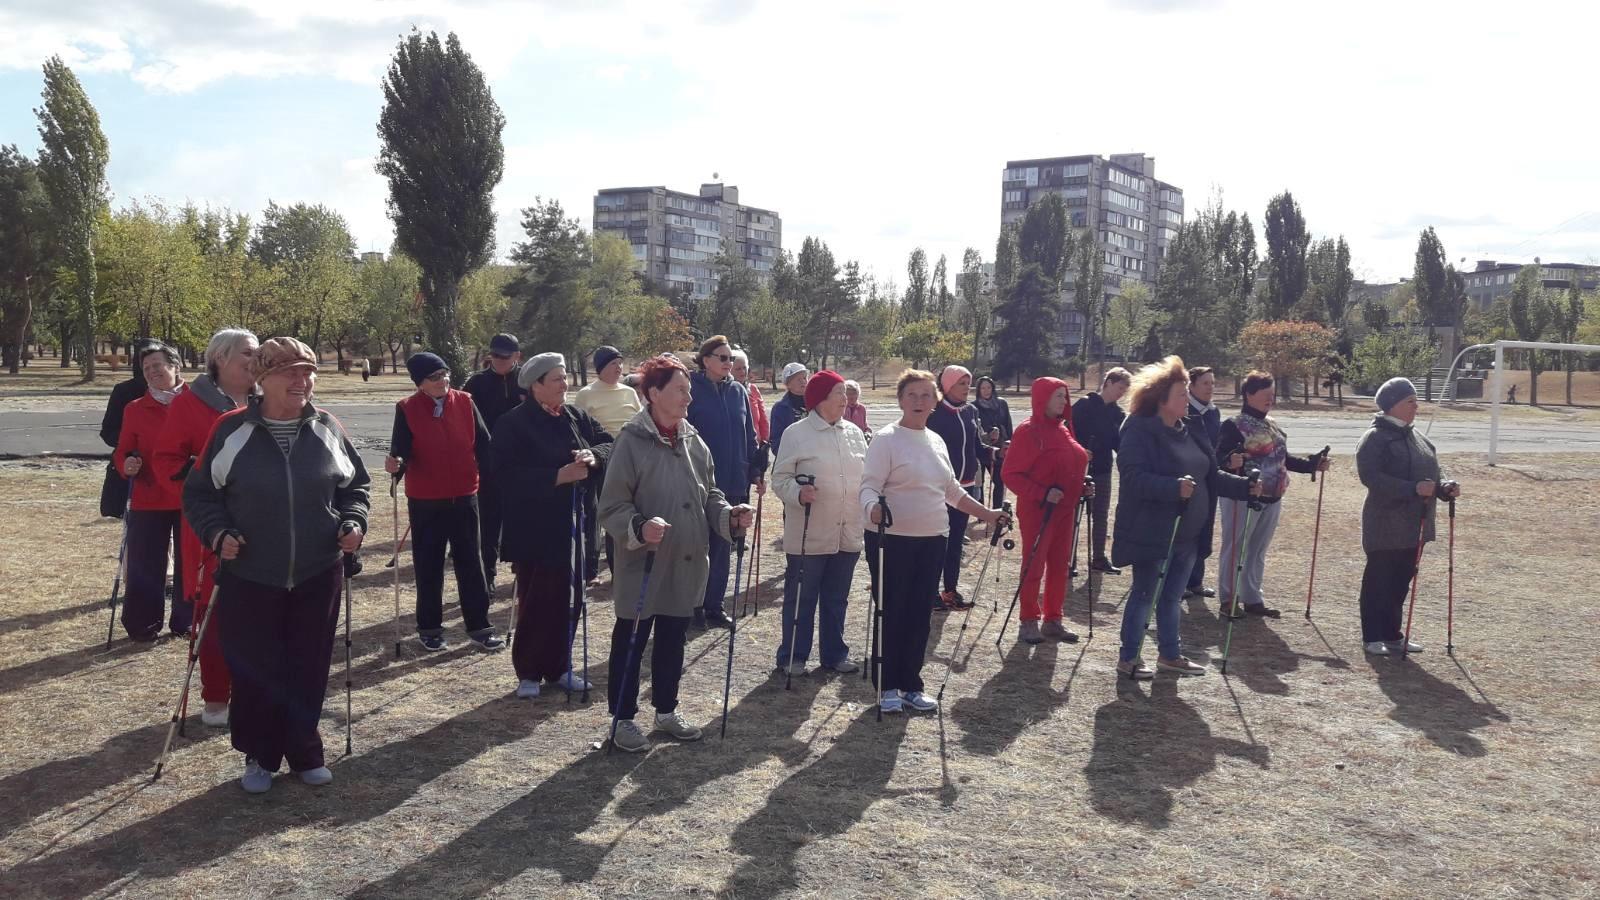 В Українці пенсіонери з палицями в руках відсвяткували День людей похилого віку -  - AE4F10C0 2B70 4EA0 9E9A 8AB20D772453